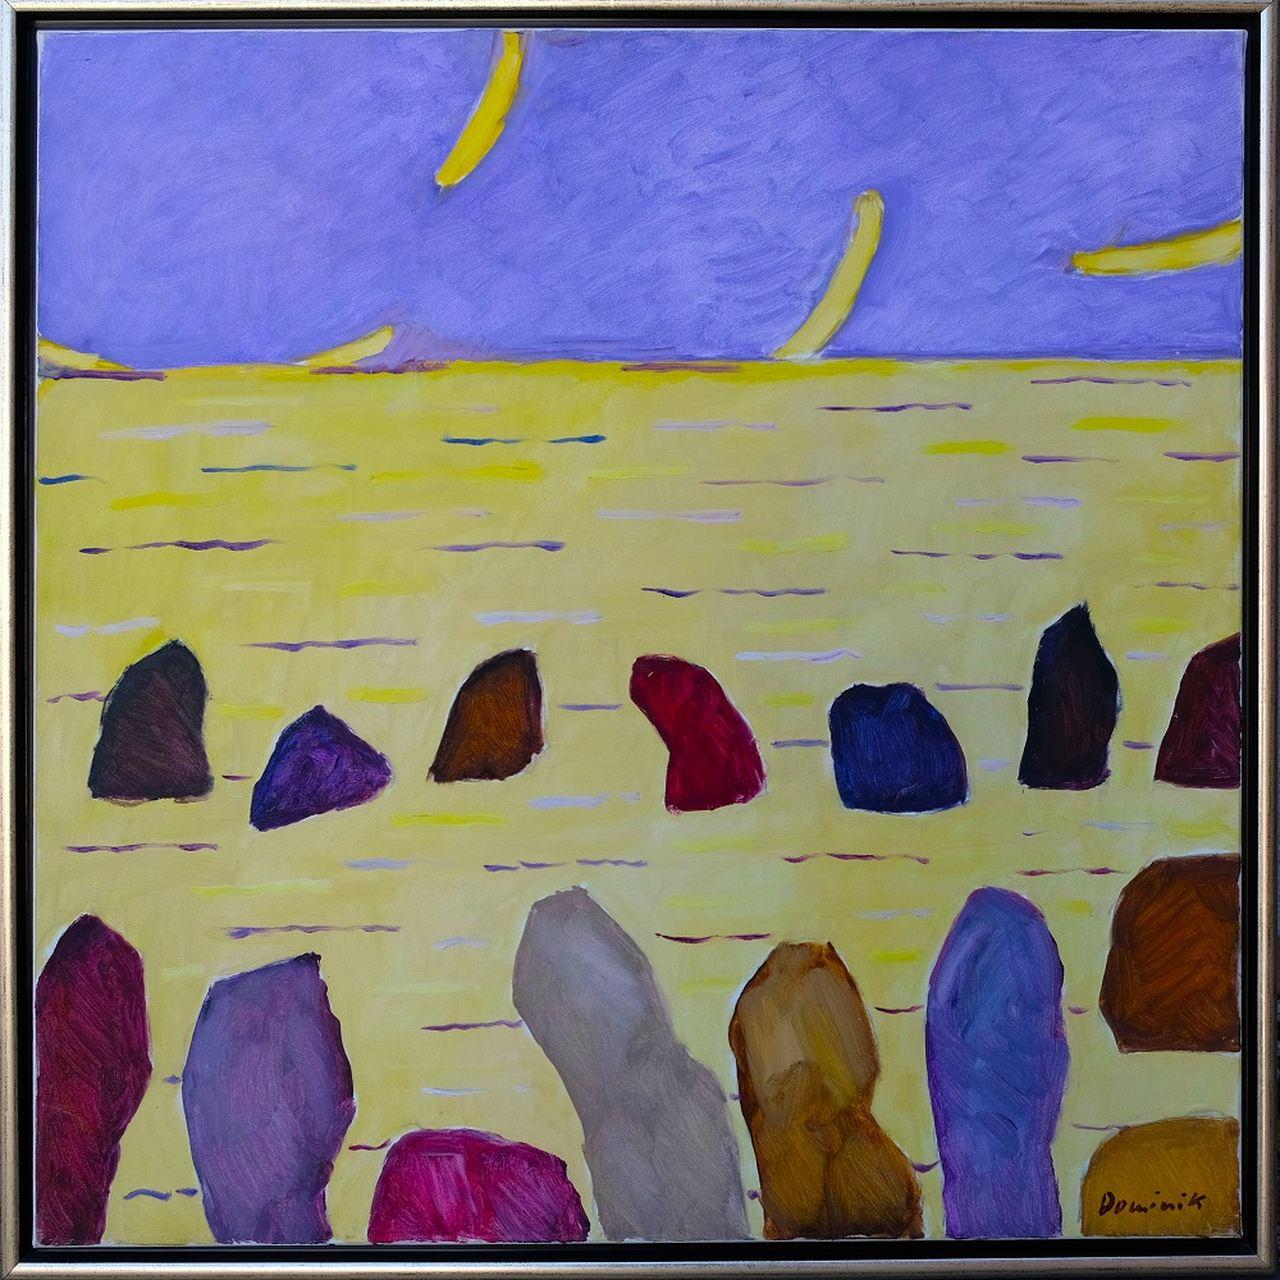 Morze Żółte, 2007